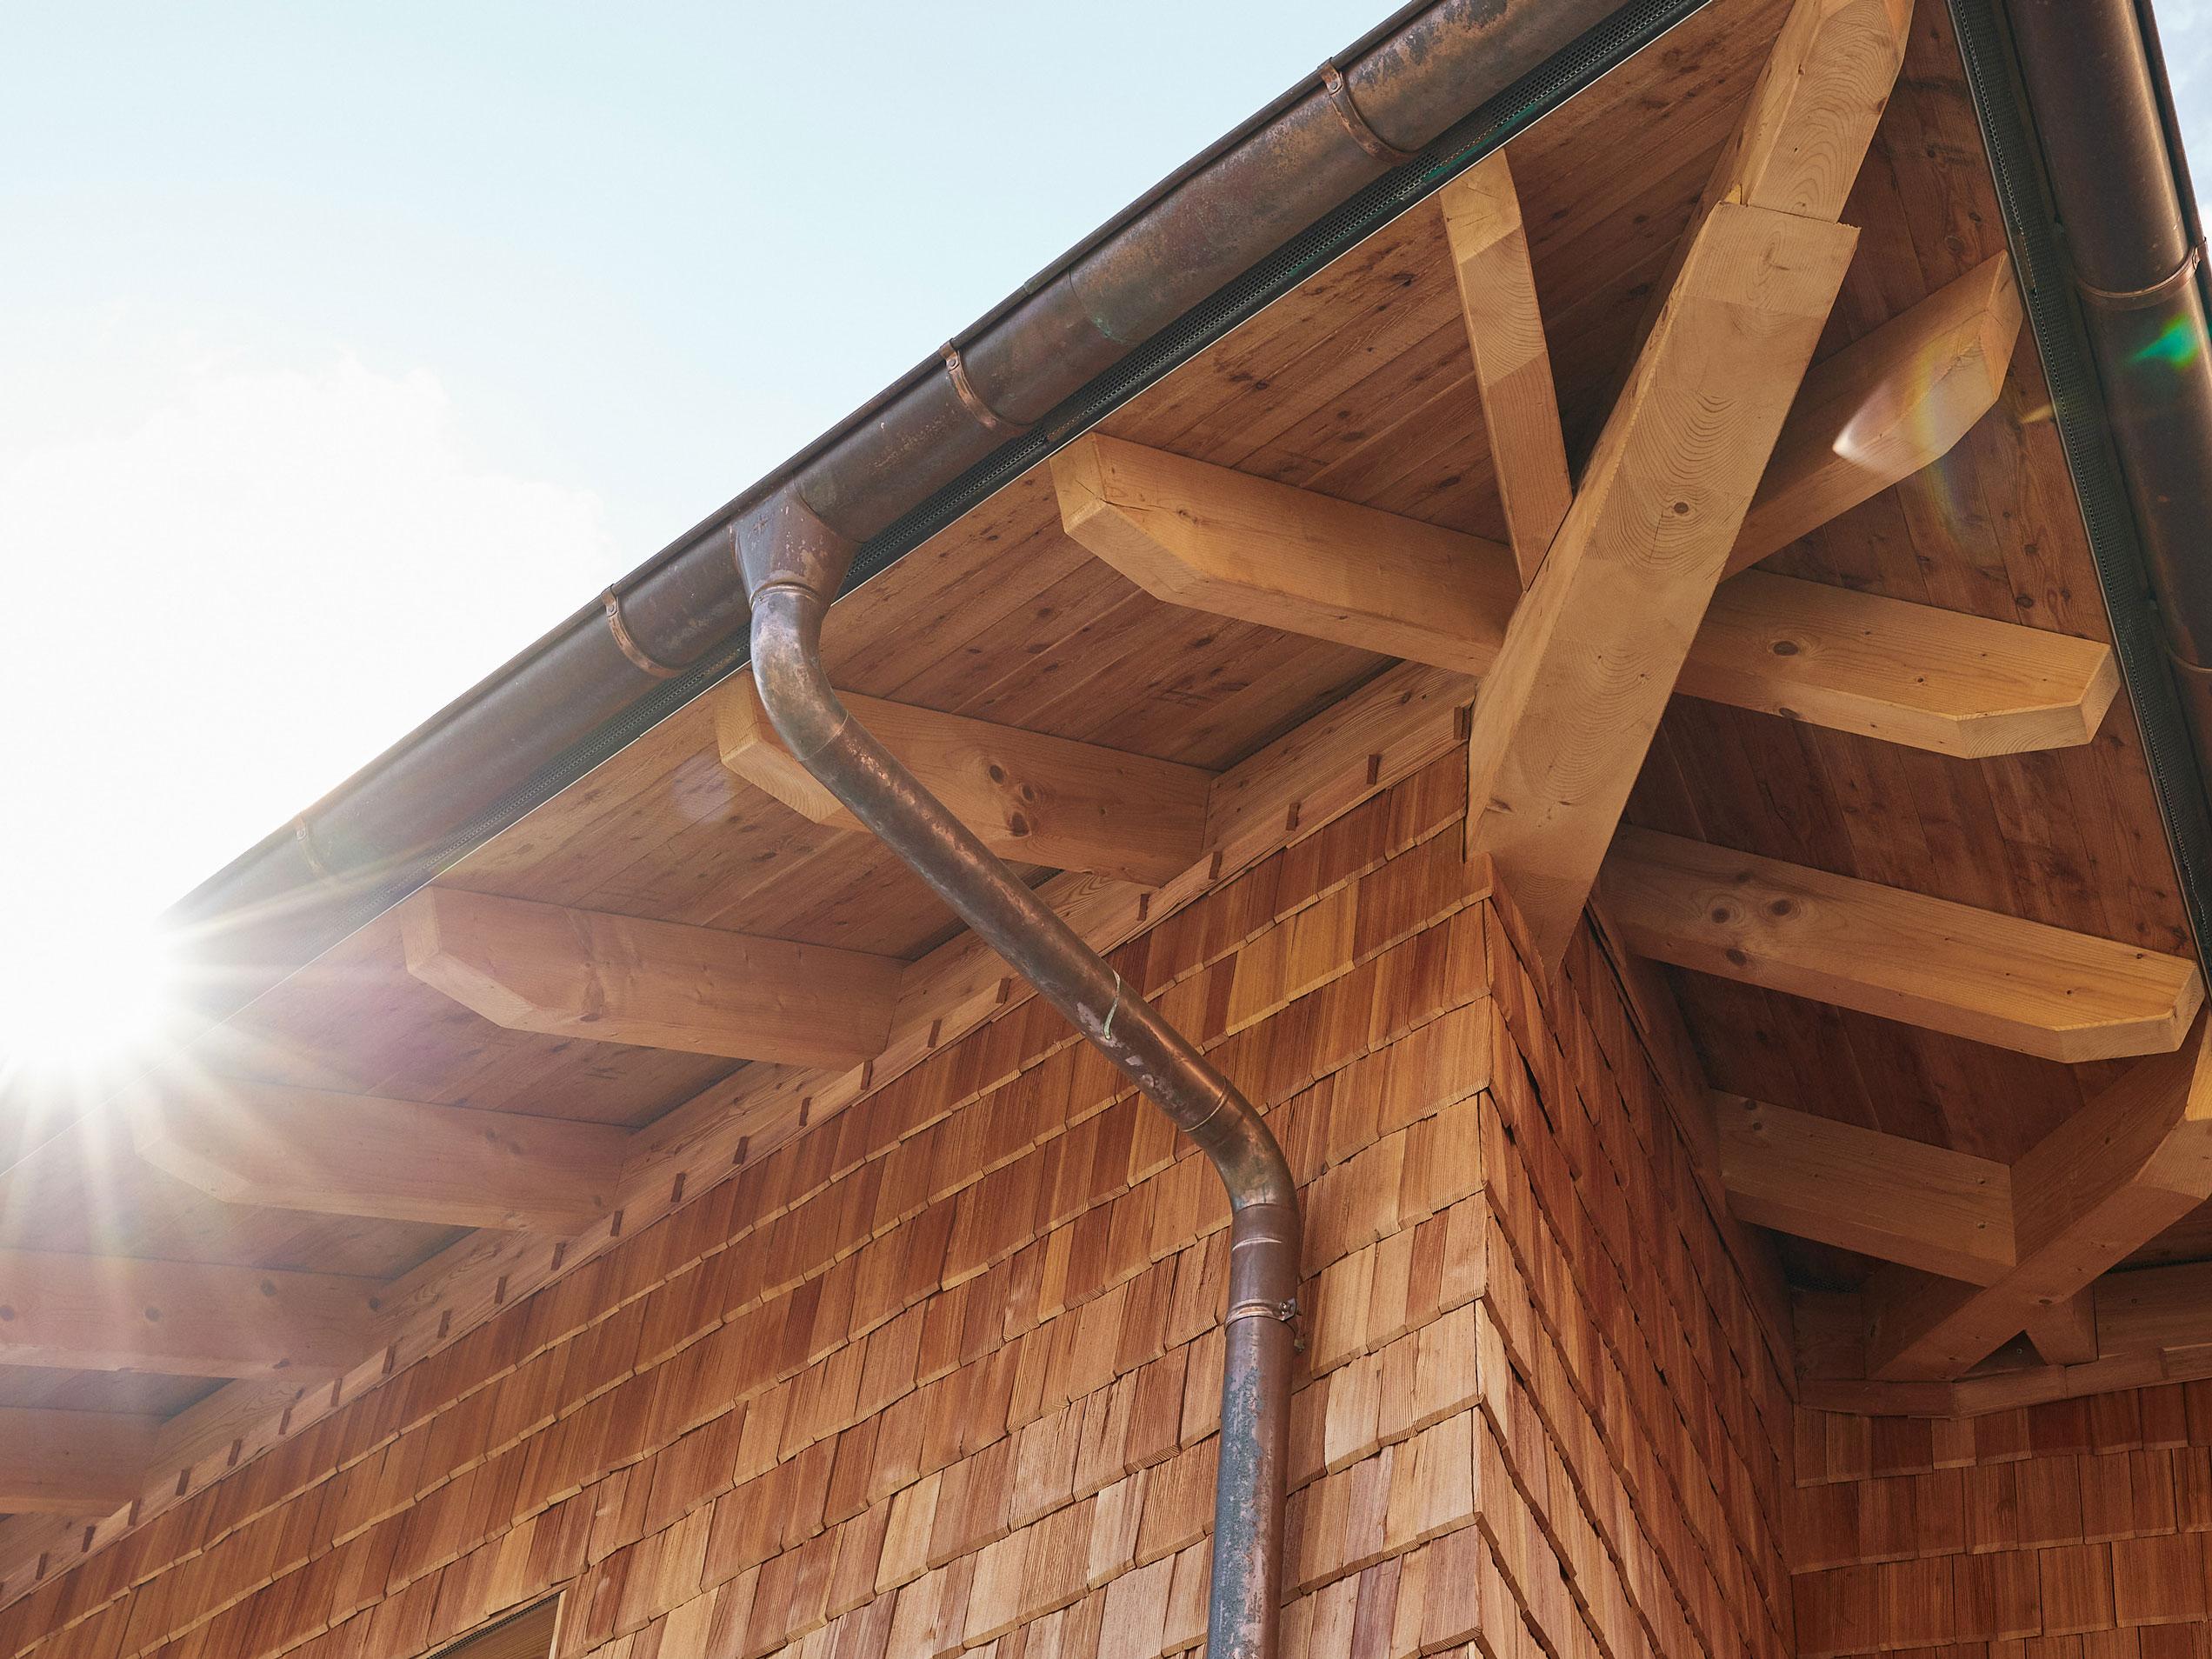 Holzbau Eiler - Holzbau, Spenglerei, Schreinerei